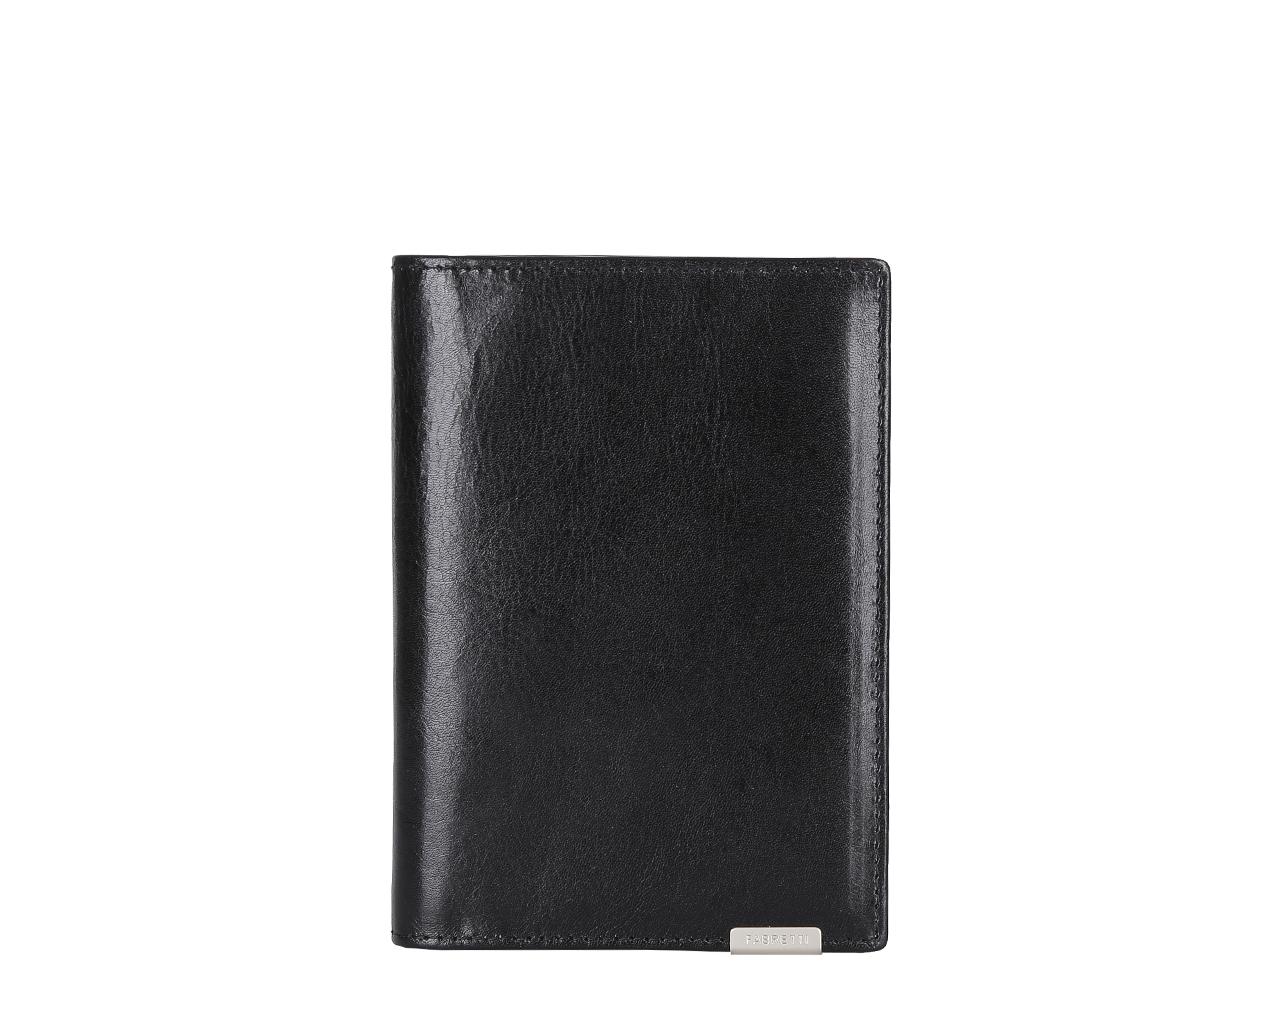 Обложка для документов мужская Fabretti, цвет: черный. 5401954019-blackМужская обложка для документов Fabretti выполнена из натуральной кожи. Внутри имеется дополнительно вкладыш для документов и 5 отделений для кредитных и дисконтных карт.